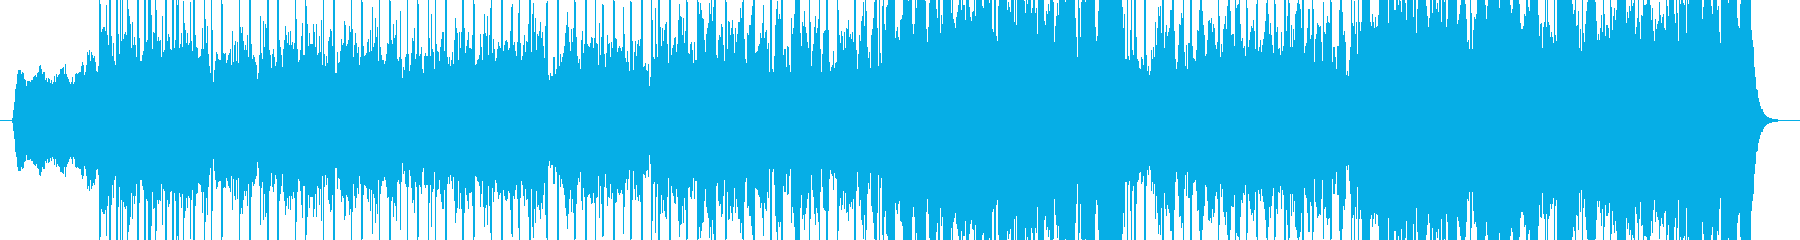 「ツクヨミノコエ」というネット朗読のB…の再生済みの波形